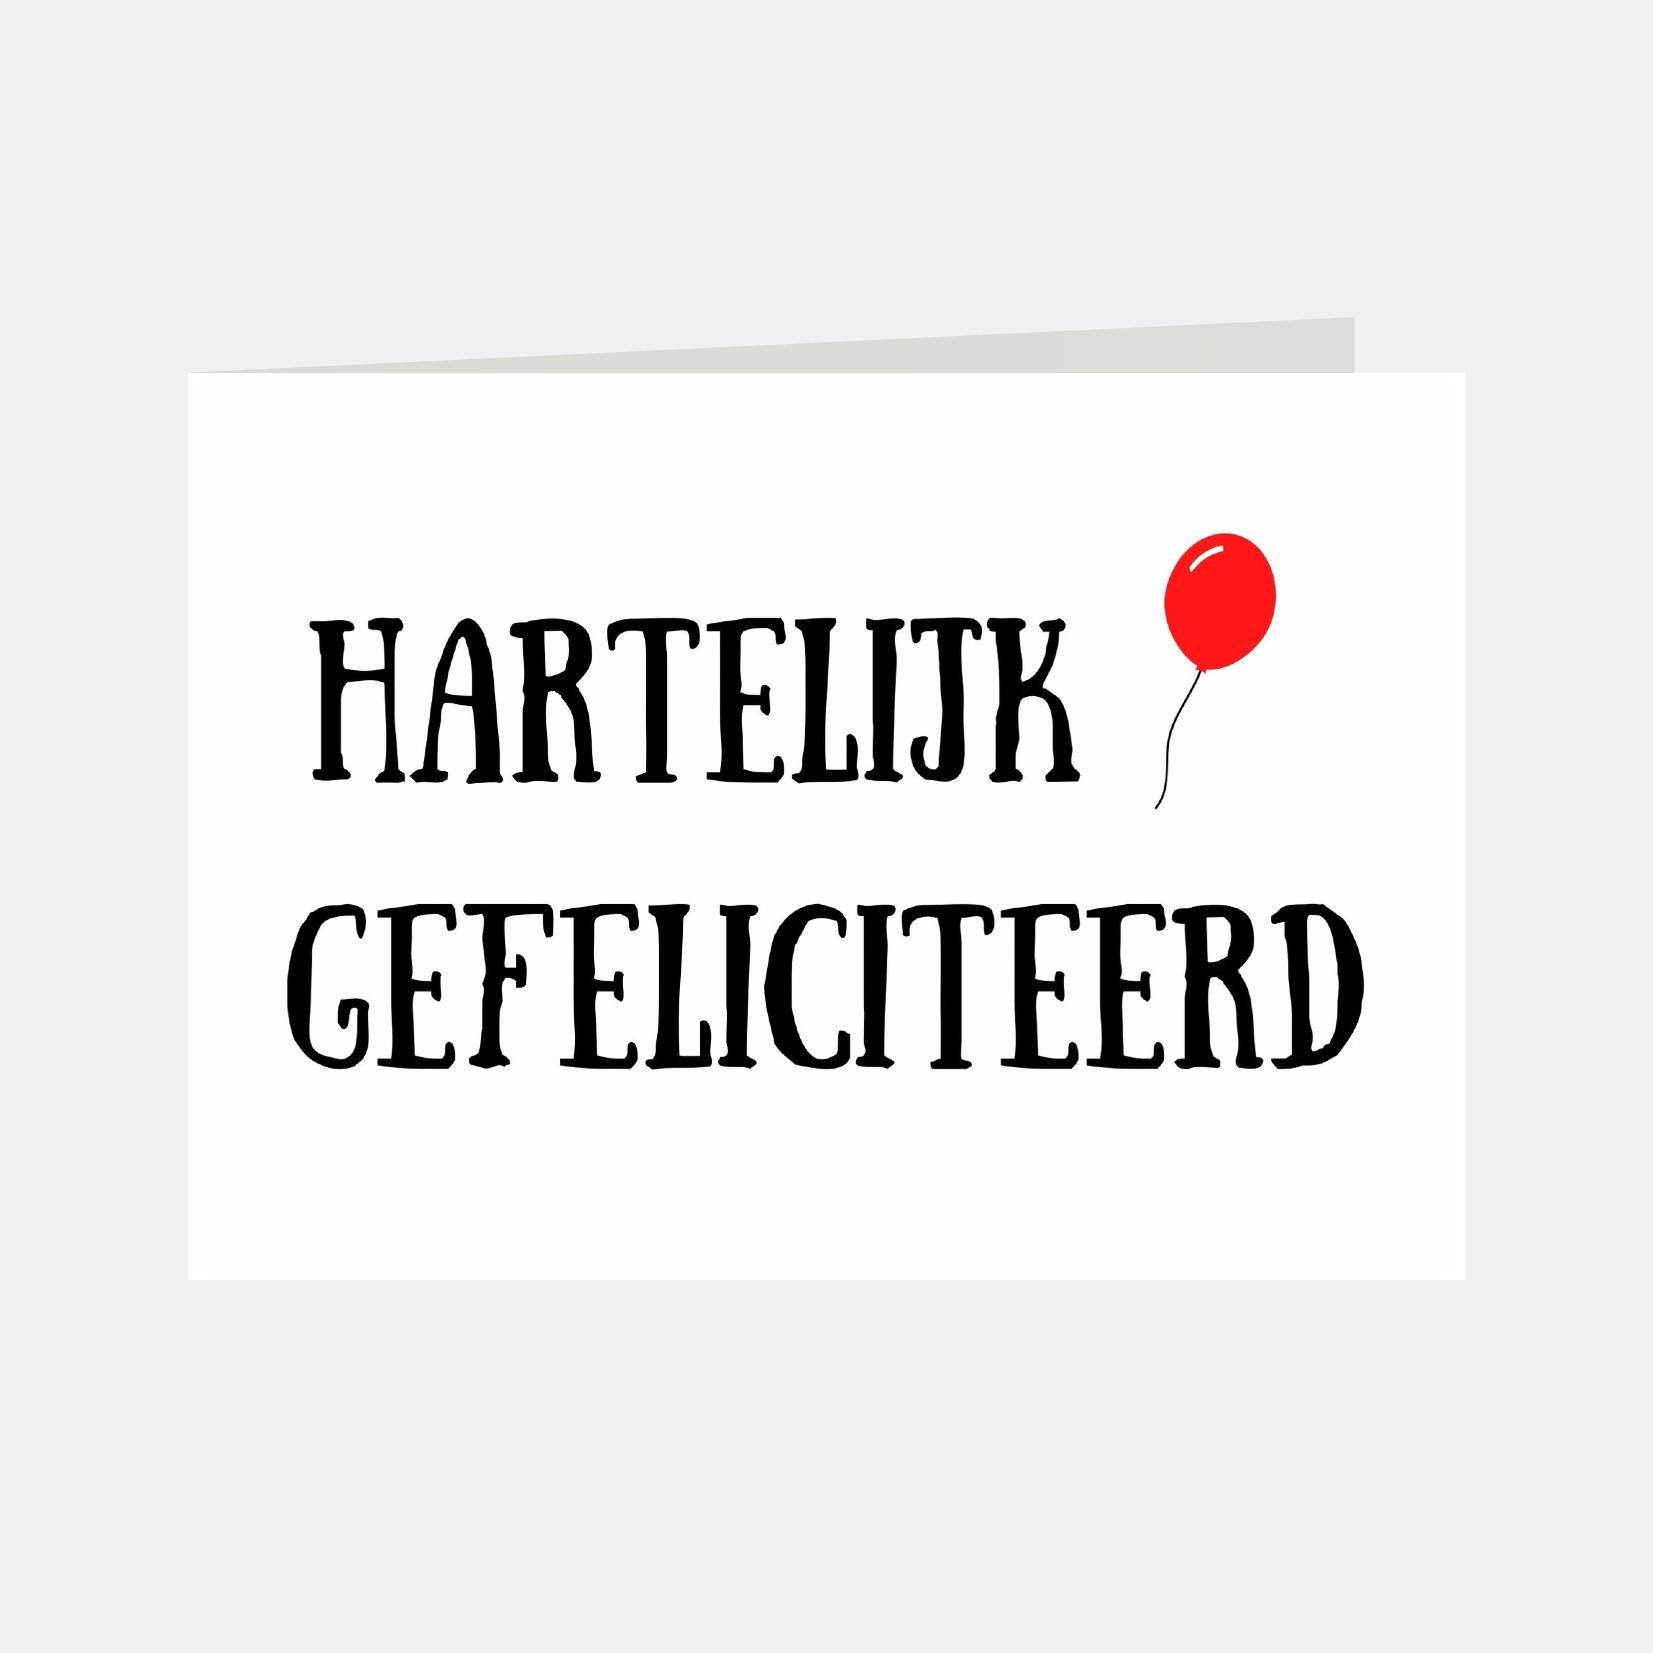 Wenskaart met de tekst hartelijk gefeliciteerd en een rode ballon